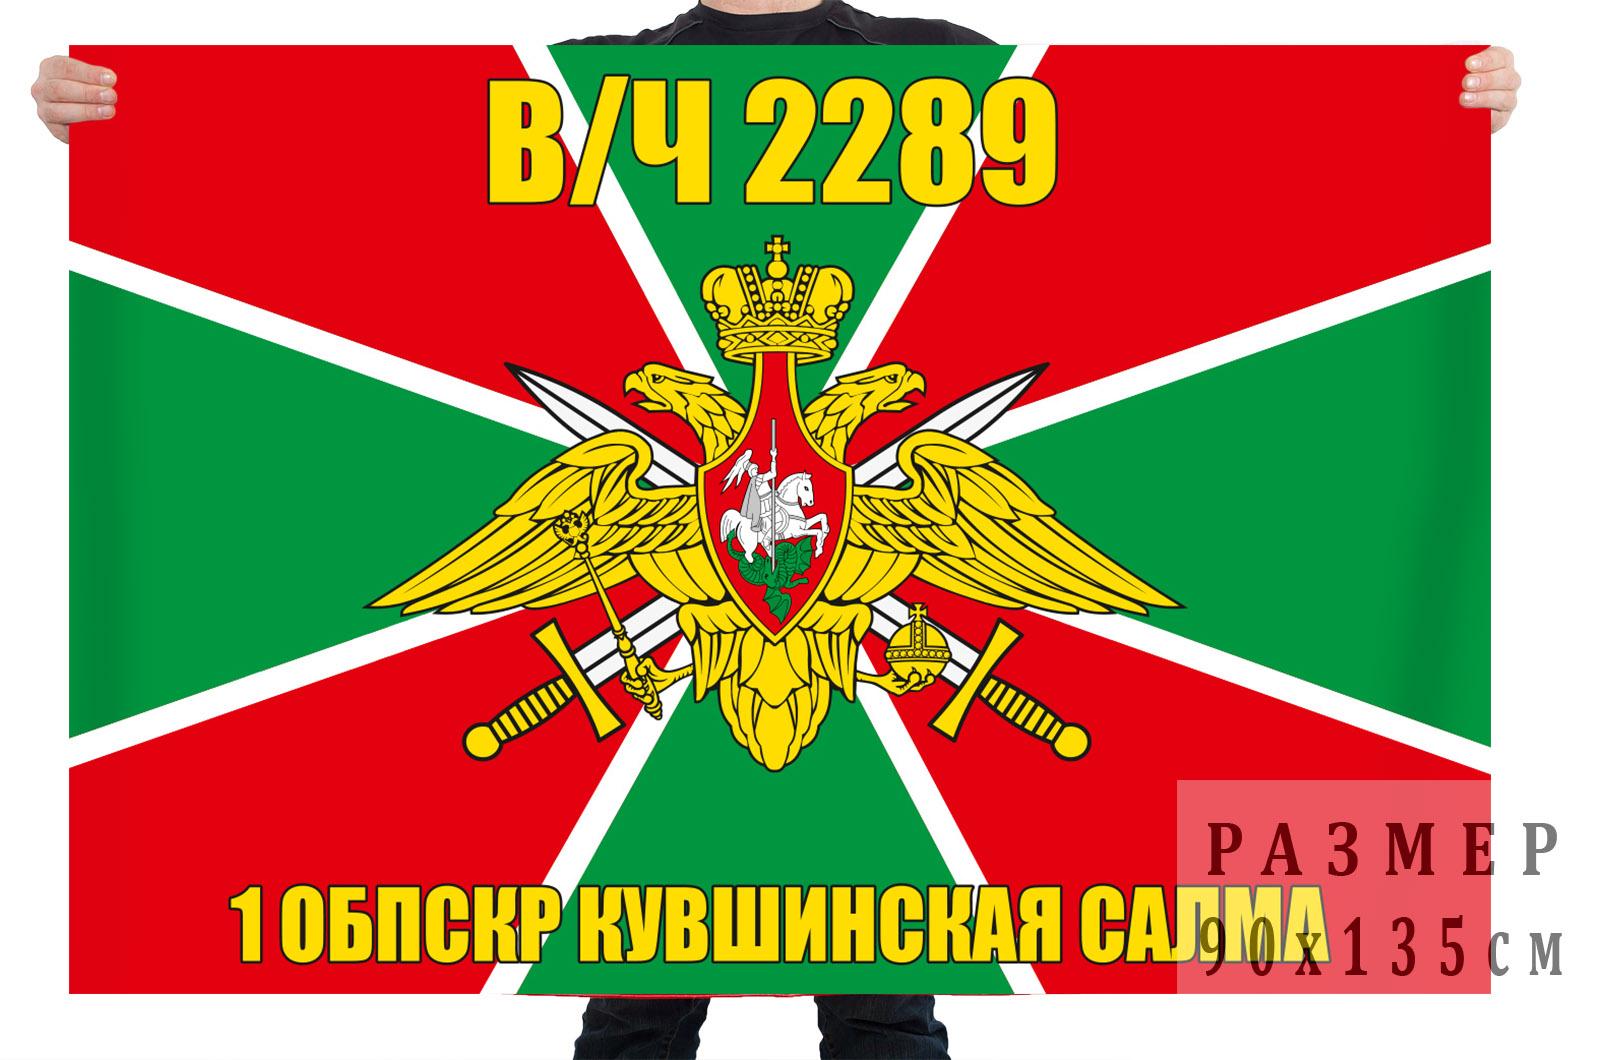 Флаг Погранвойск «1 ОБрПСКР Кувшинская Салма, в/ч 2289»